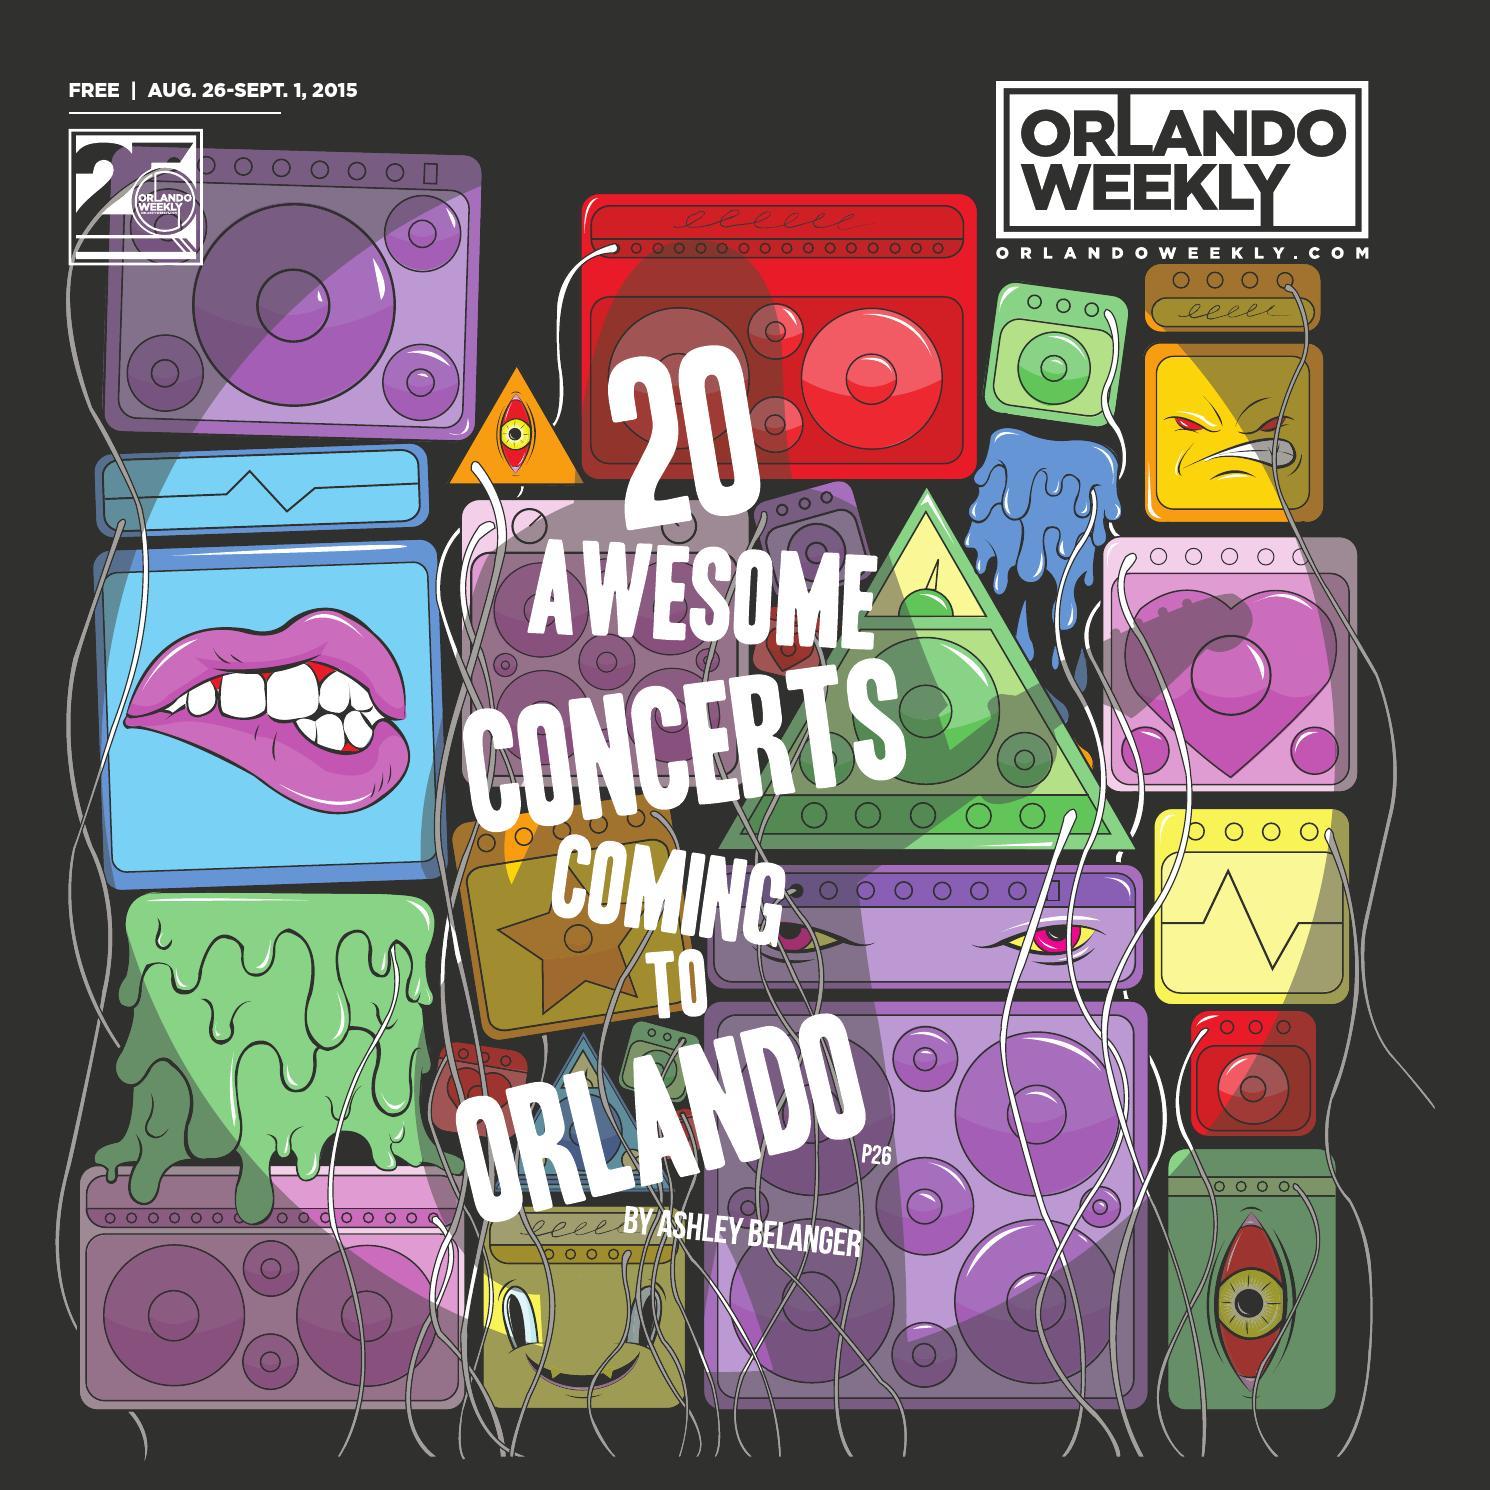 dcd696730bfa7 Orlando Weekly August 26